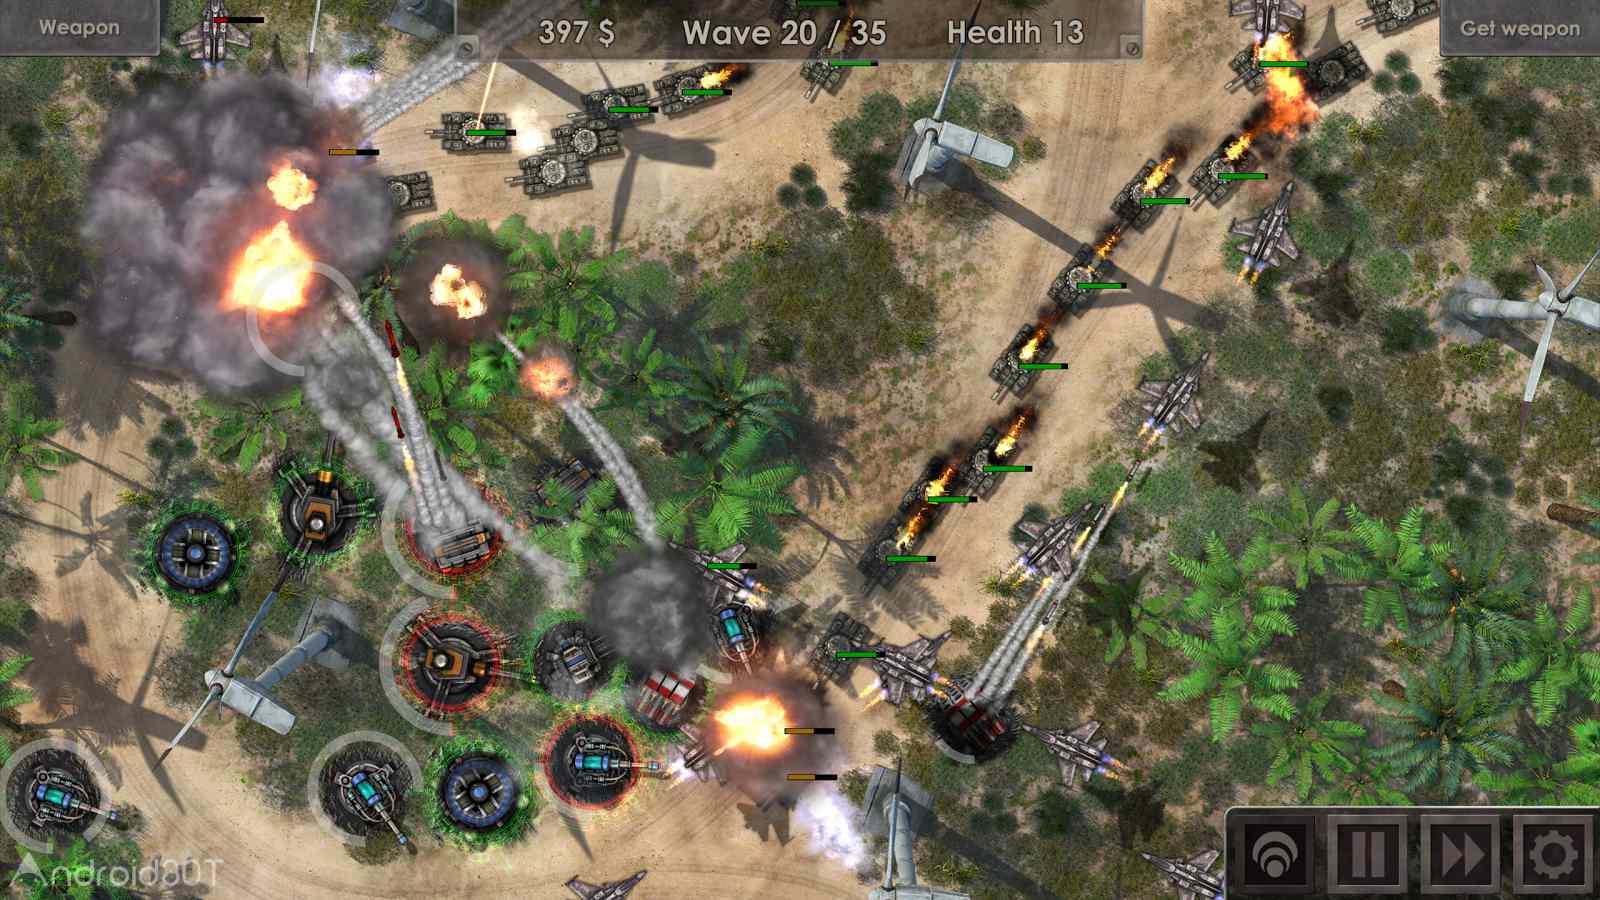 دانلود Defense Zone 3 Ultra HD 1.3.6 – بازی استراتژیک منطقه دفاعی 3 اندروید